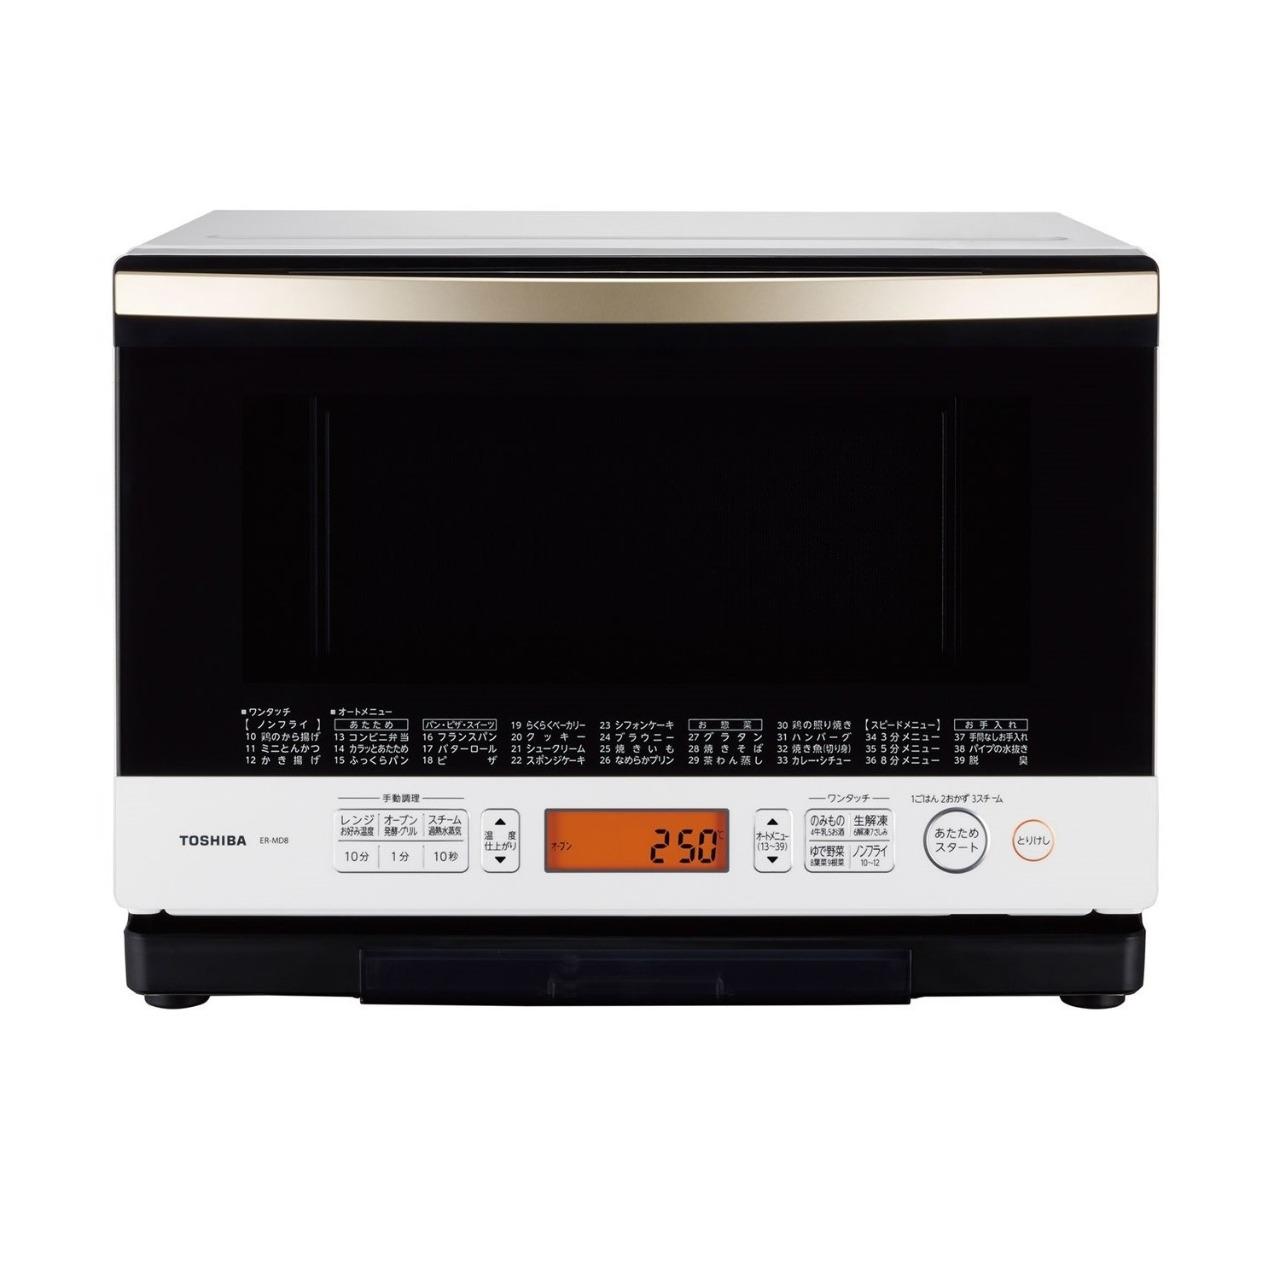 東芝 石窯ドームER-MD8過熱水蒸気オーブンレンジ